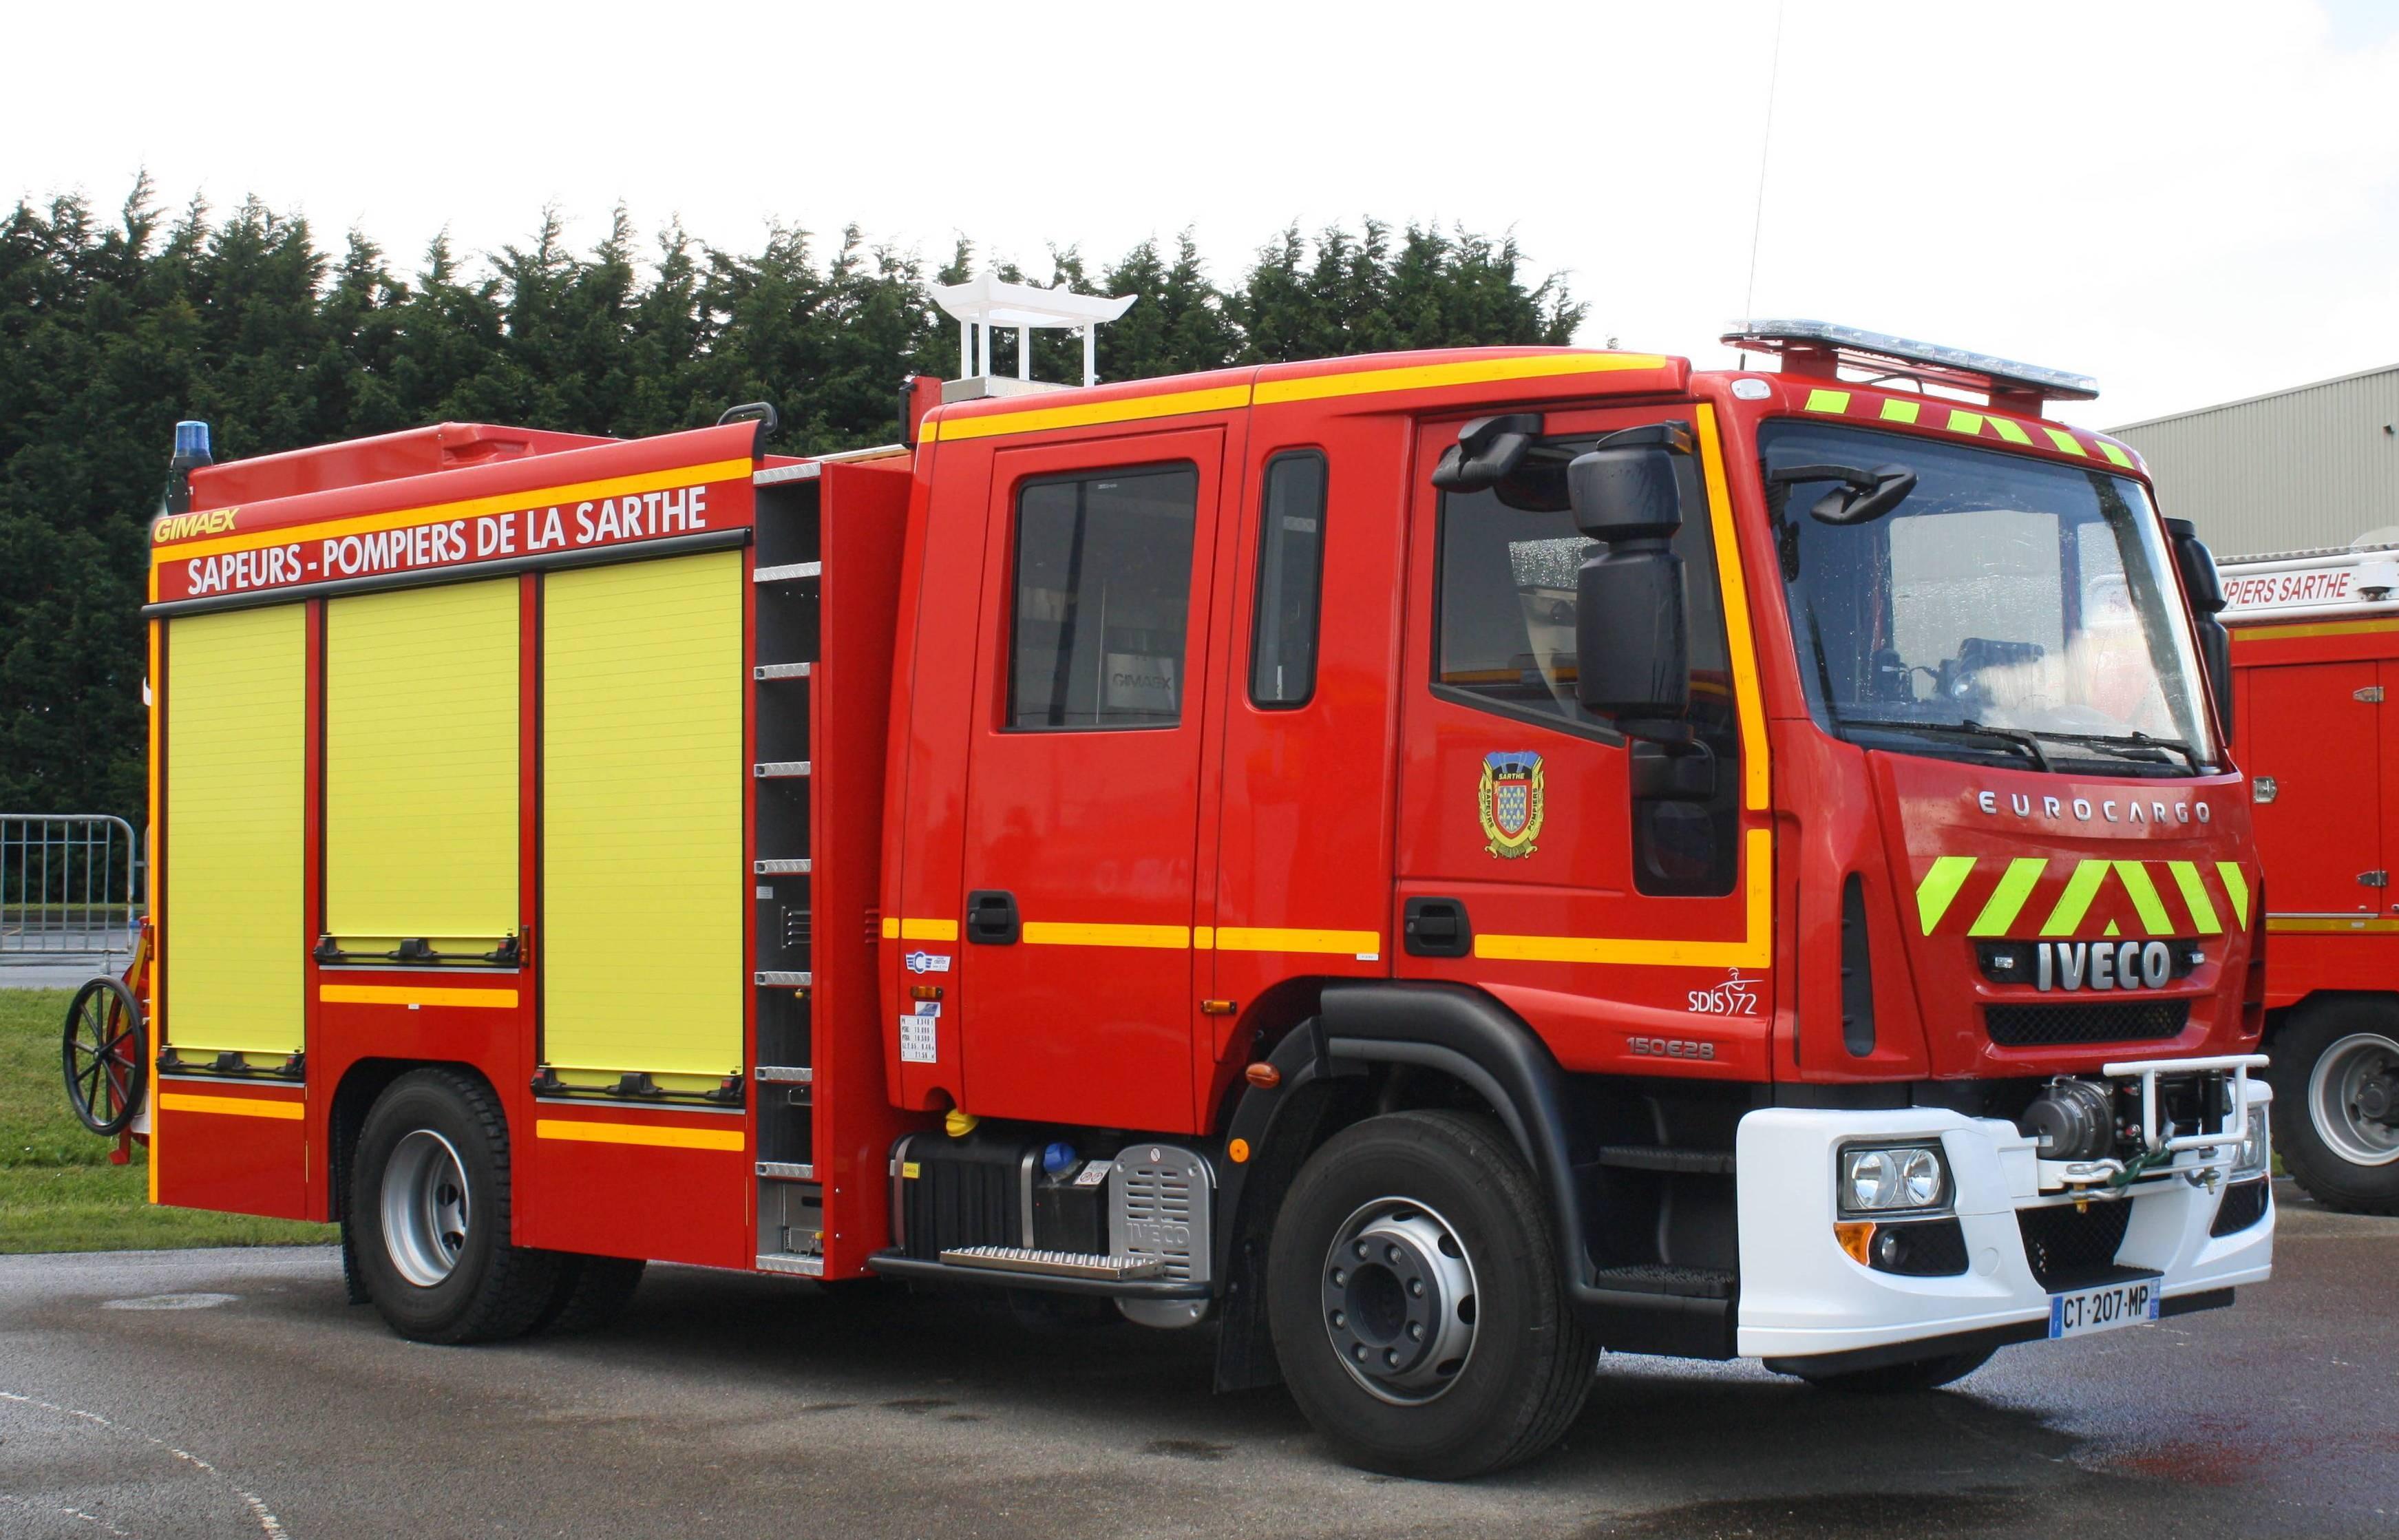 V hicules des pompiers fran ais page 1406 auto titre - Image camion pompier ...